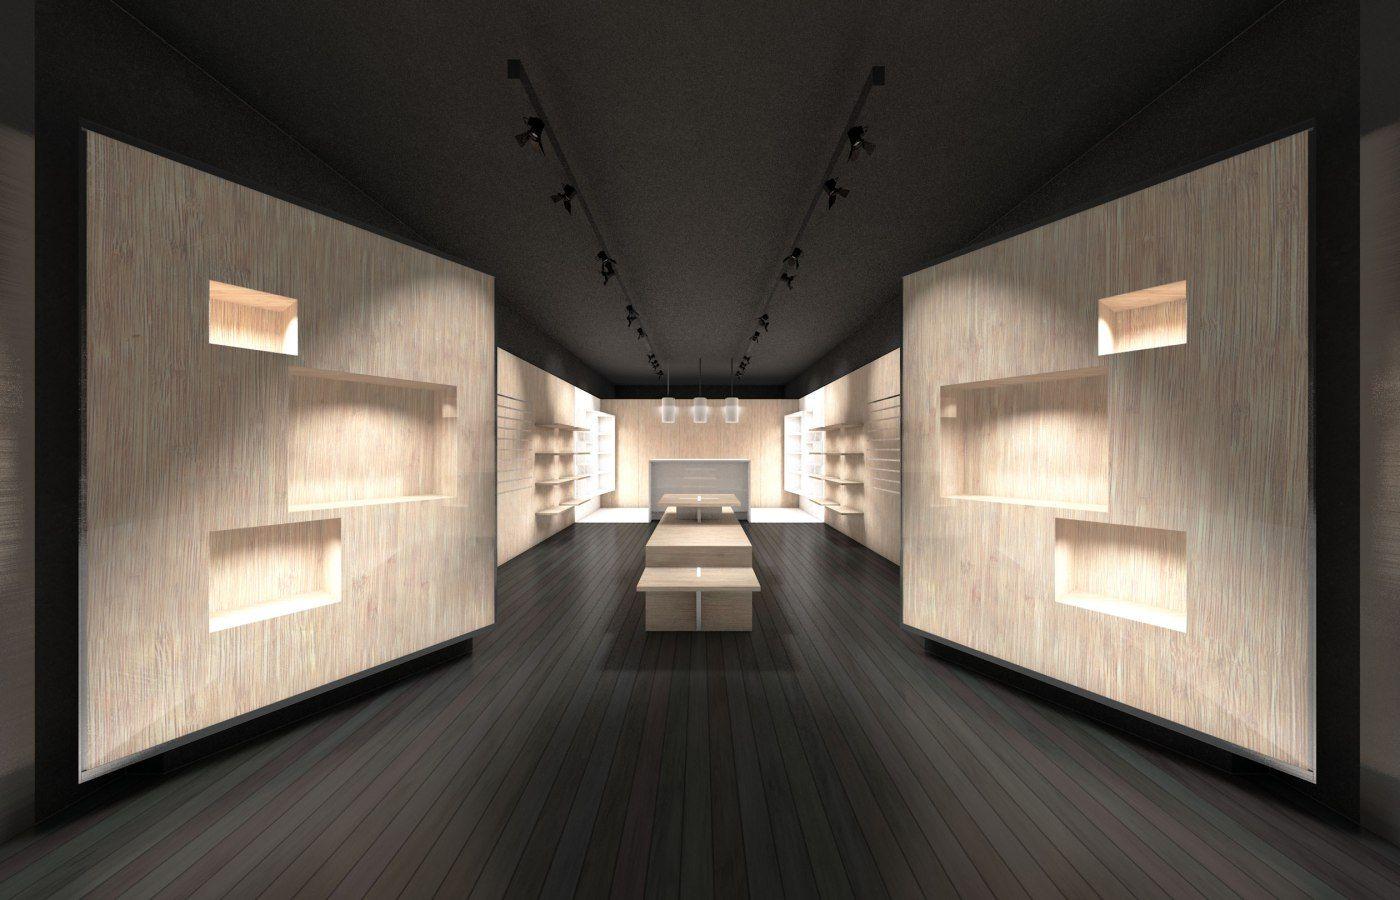 0c7b2e56e3 Estamos a desenvolver com muito interesse um modelo arquitectónico para uma  cadeia de lojas de acessórios de moda. Altamente modular